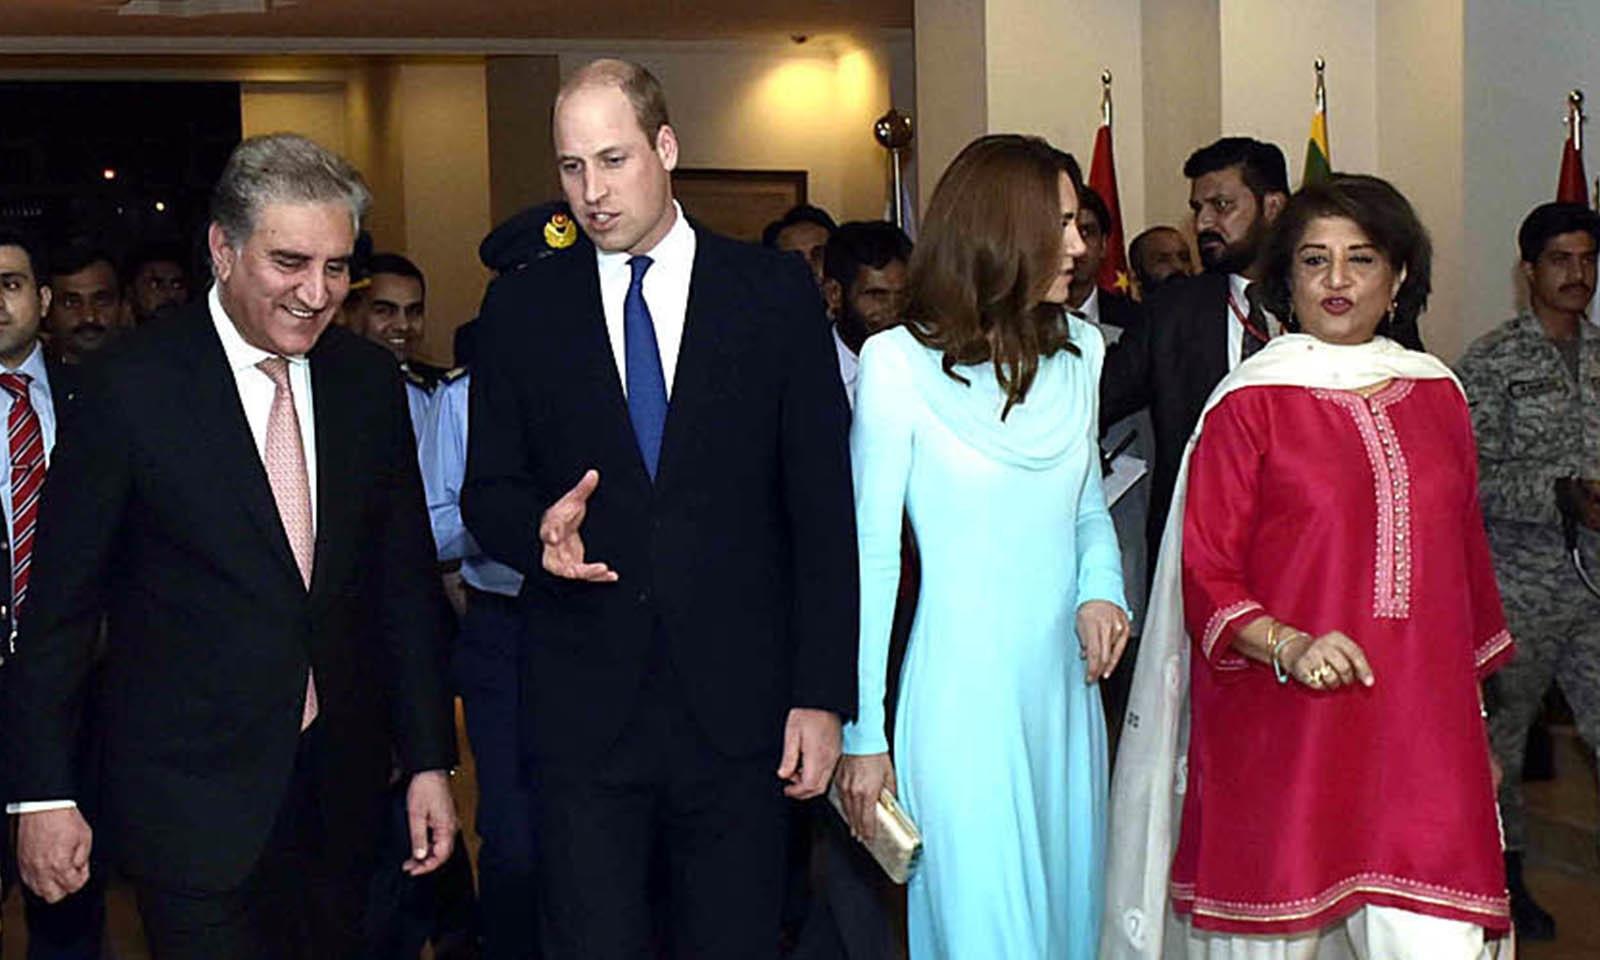 شاہی جوڑے کا ایئرپورٹ پر وزیر خارجہ شاہ محمود قریشی نے استقبال کیا — فوٹو: اے پی پی